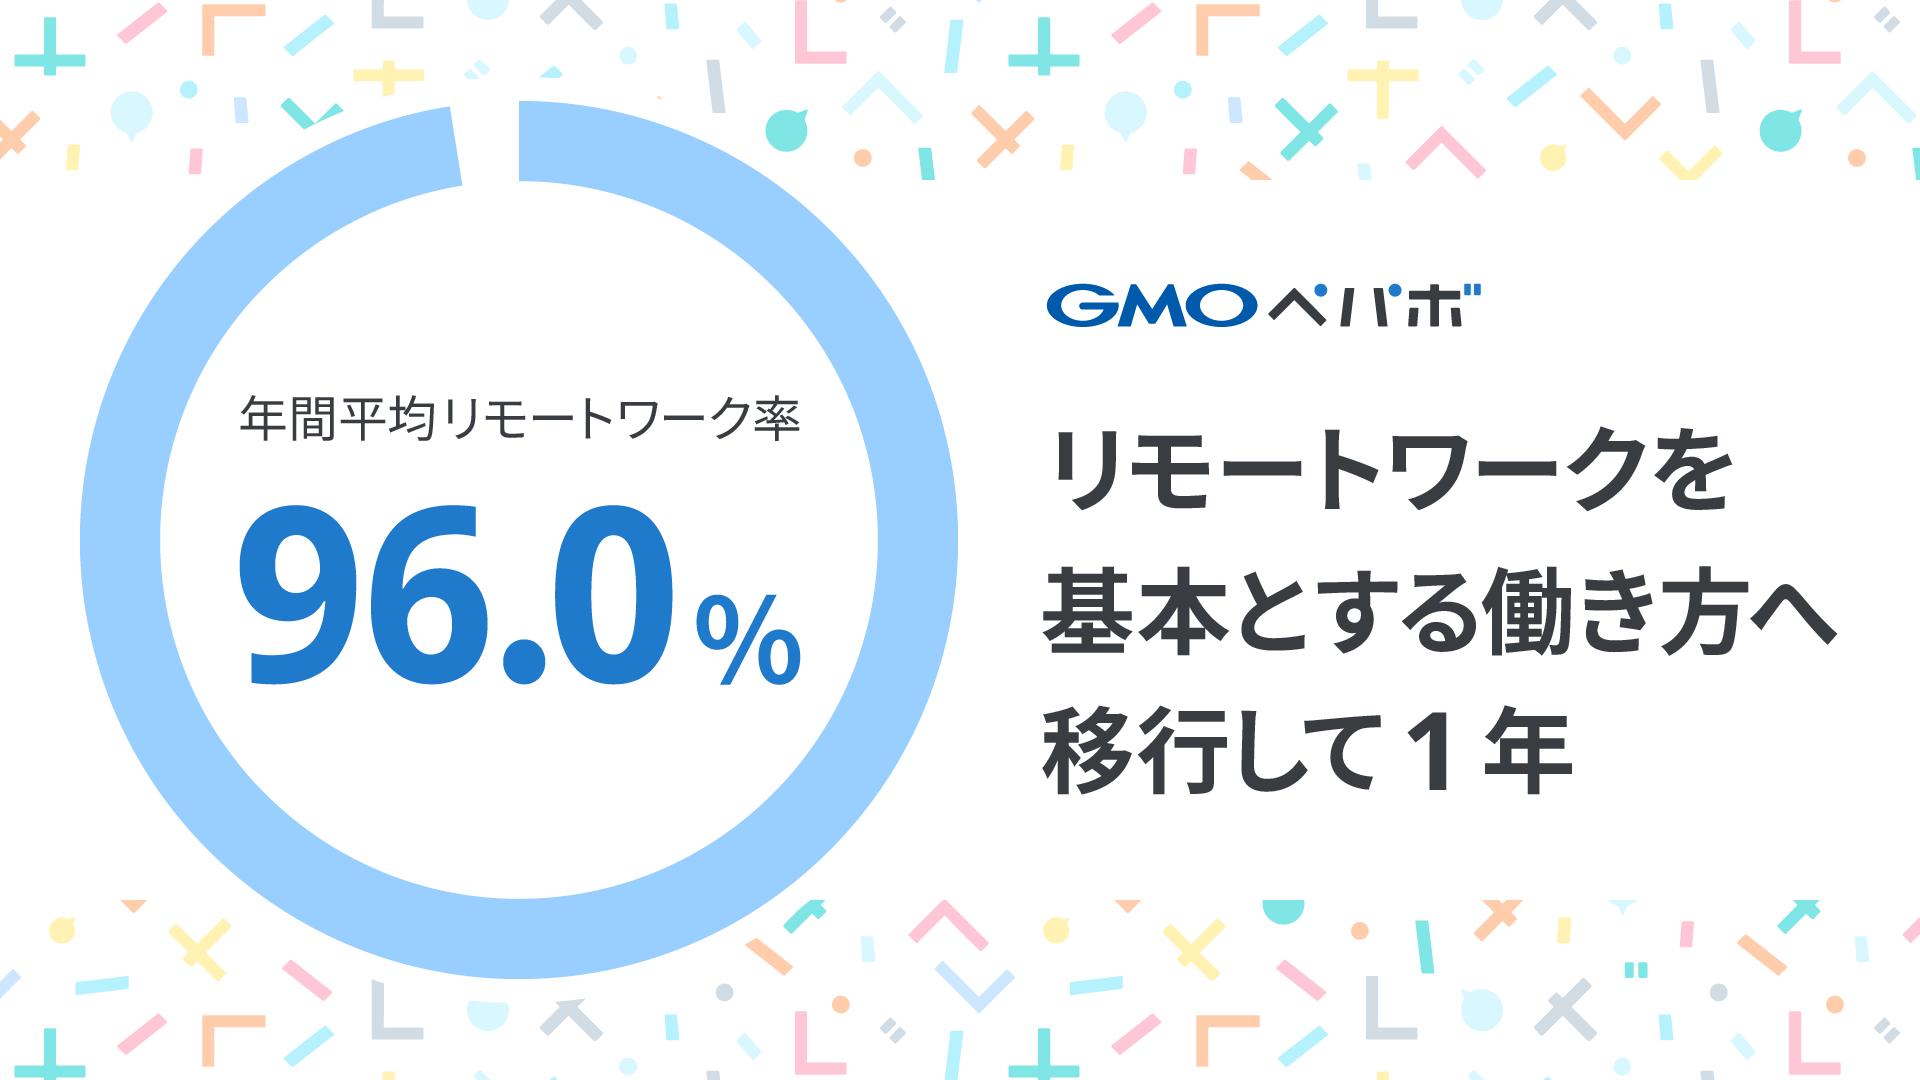 GMOペパボ、リモートワークを基本とする働き方へ移行して1年。年間平均リモートワーク率 96.0%